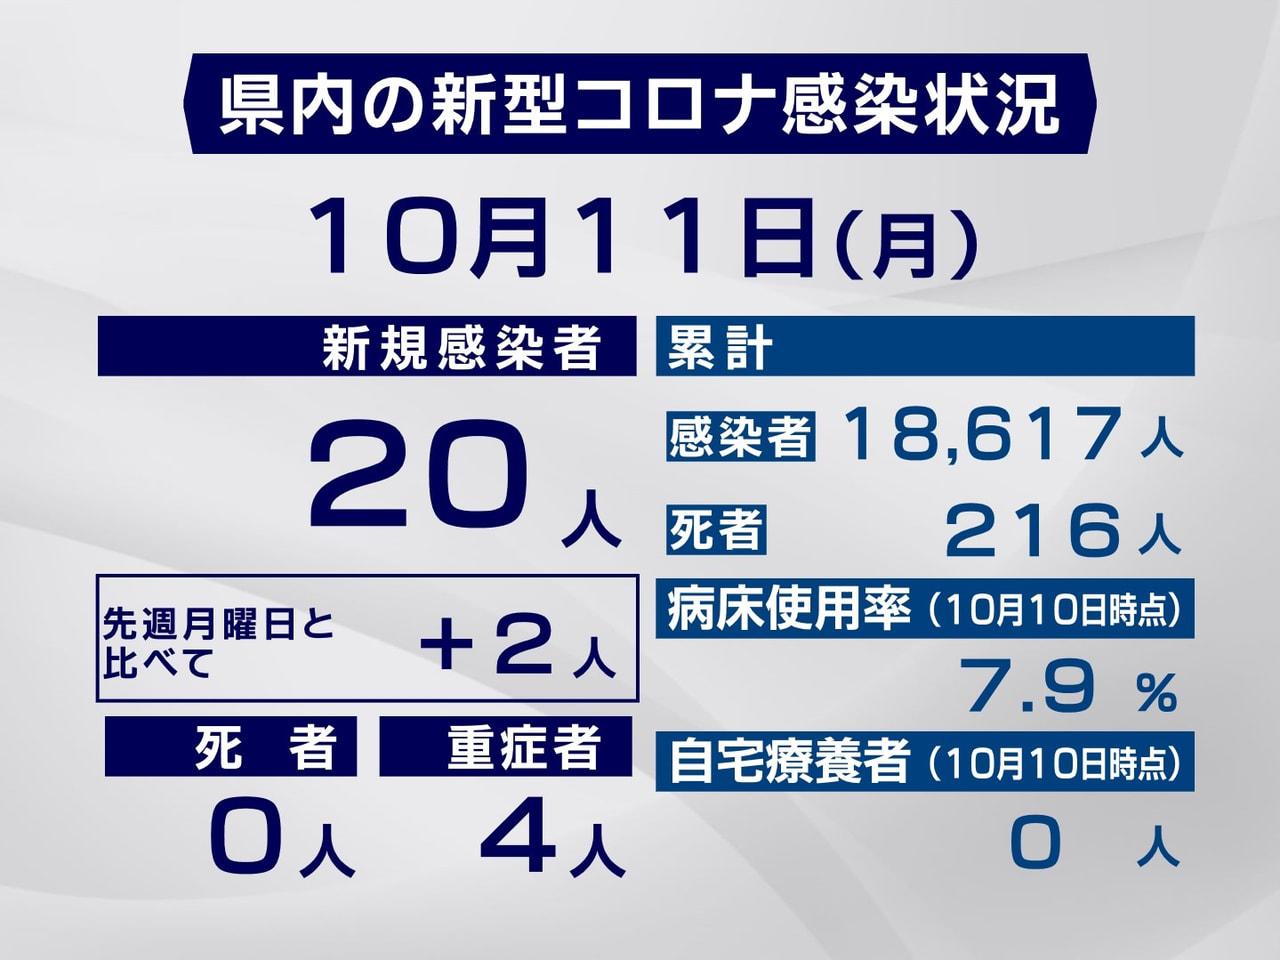 岐阜県と岐阜市は11日、新型コロナウイルスの感染者が新たに20人確認されたと発表...